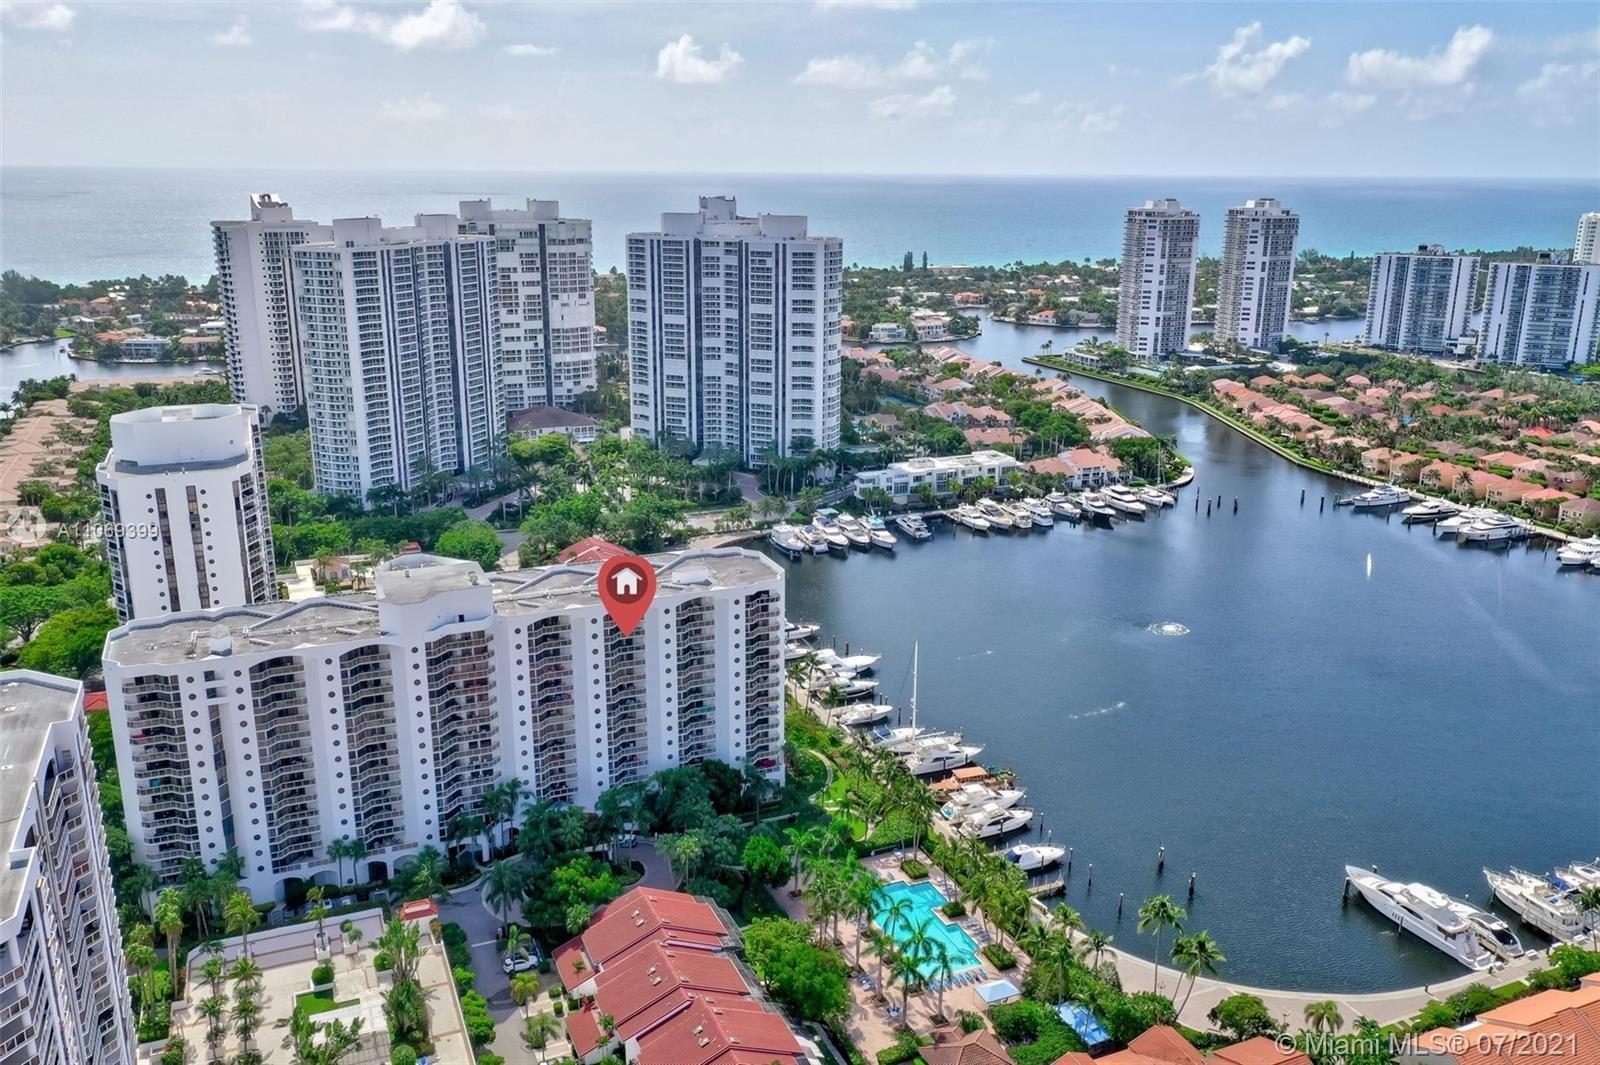 3610 Yacht Club Dr #1211, Aventura, FL 33180 - #: A11069399